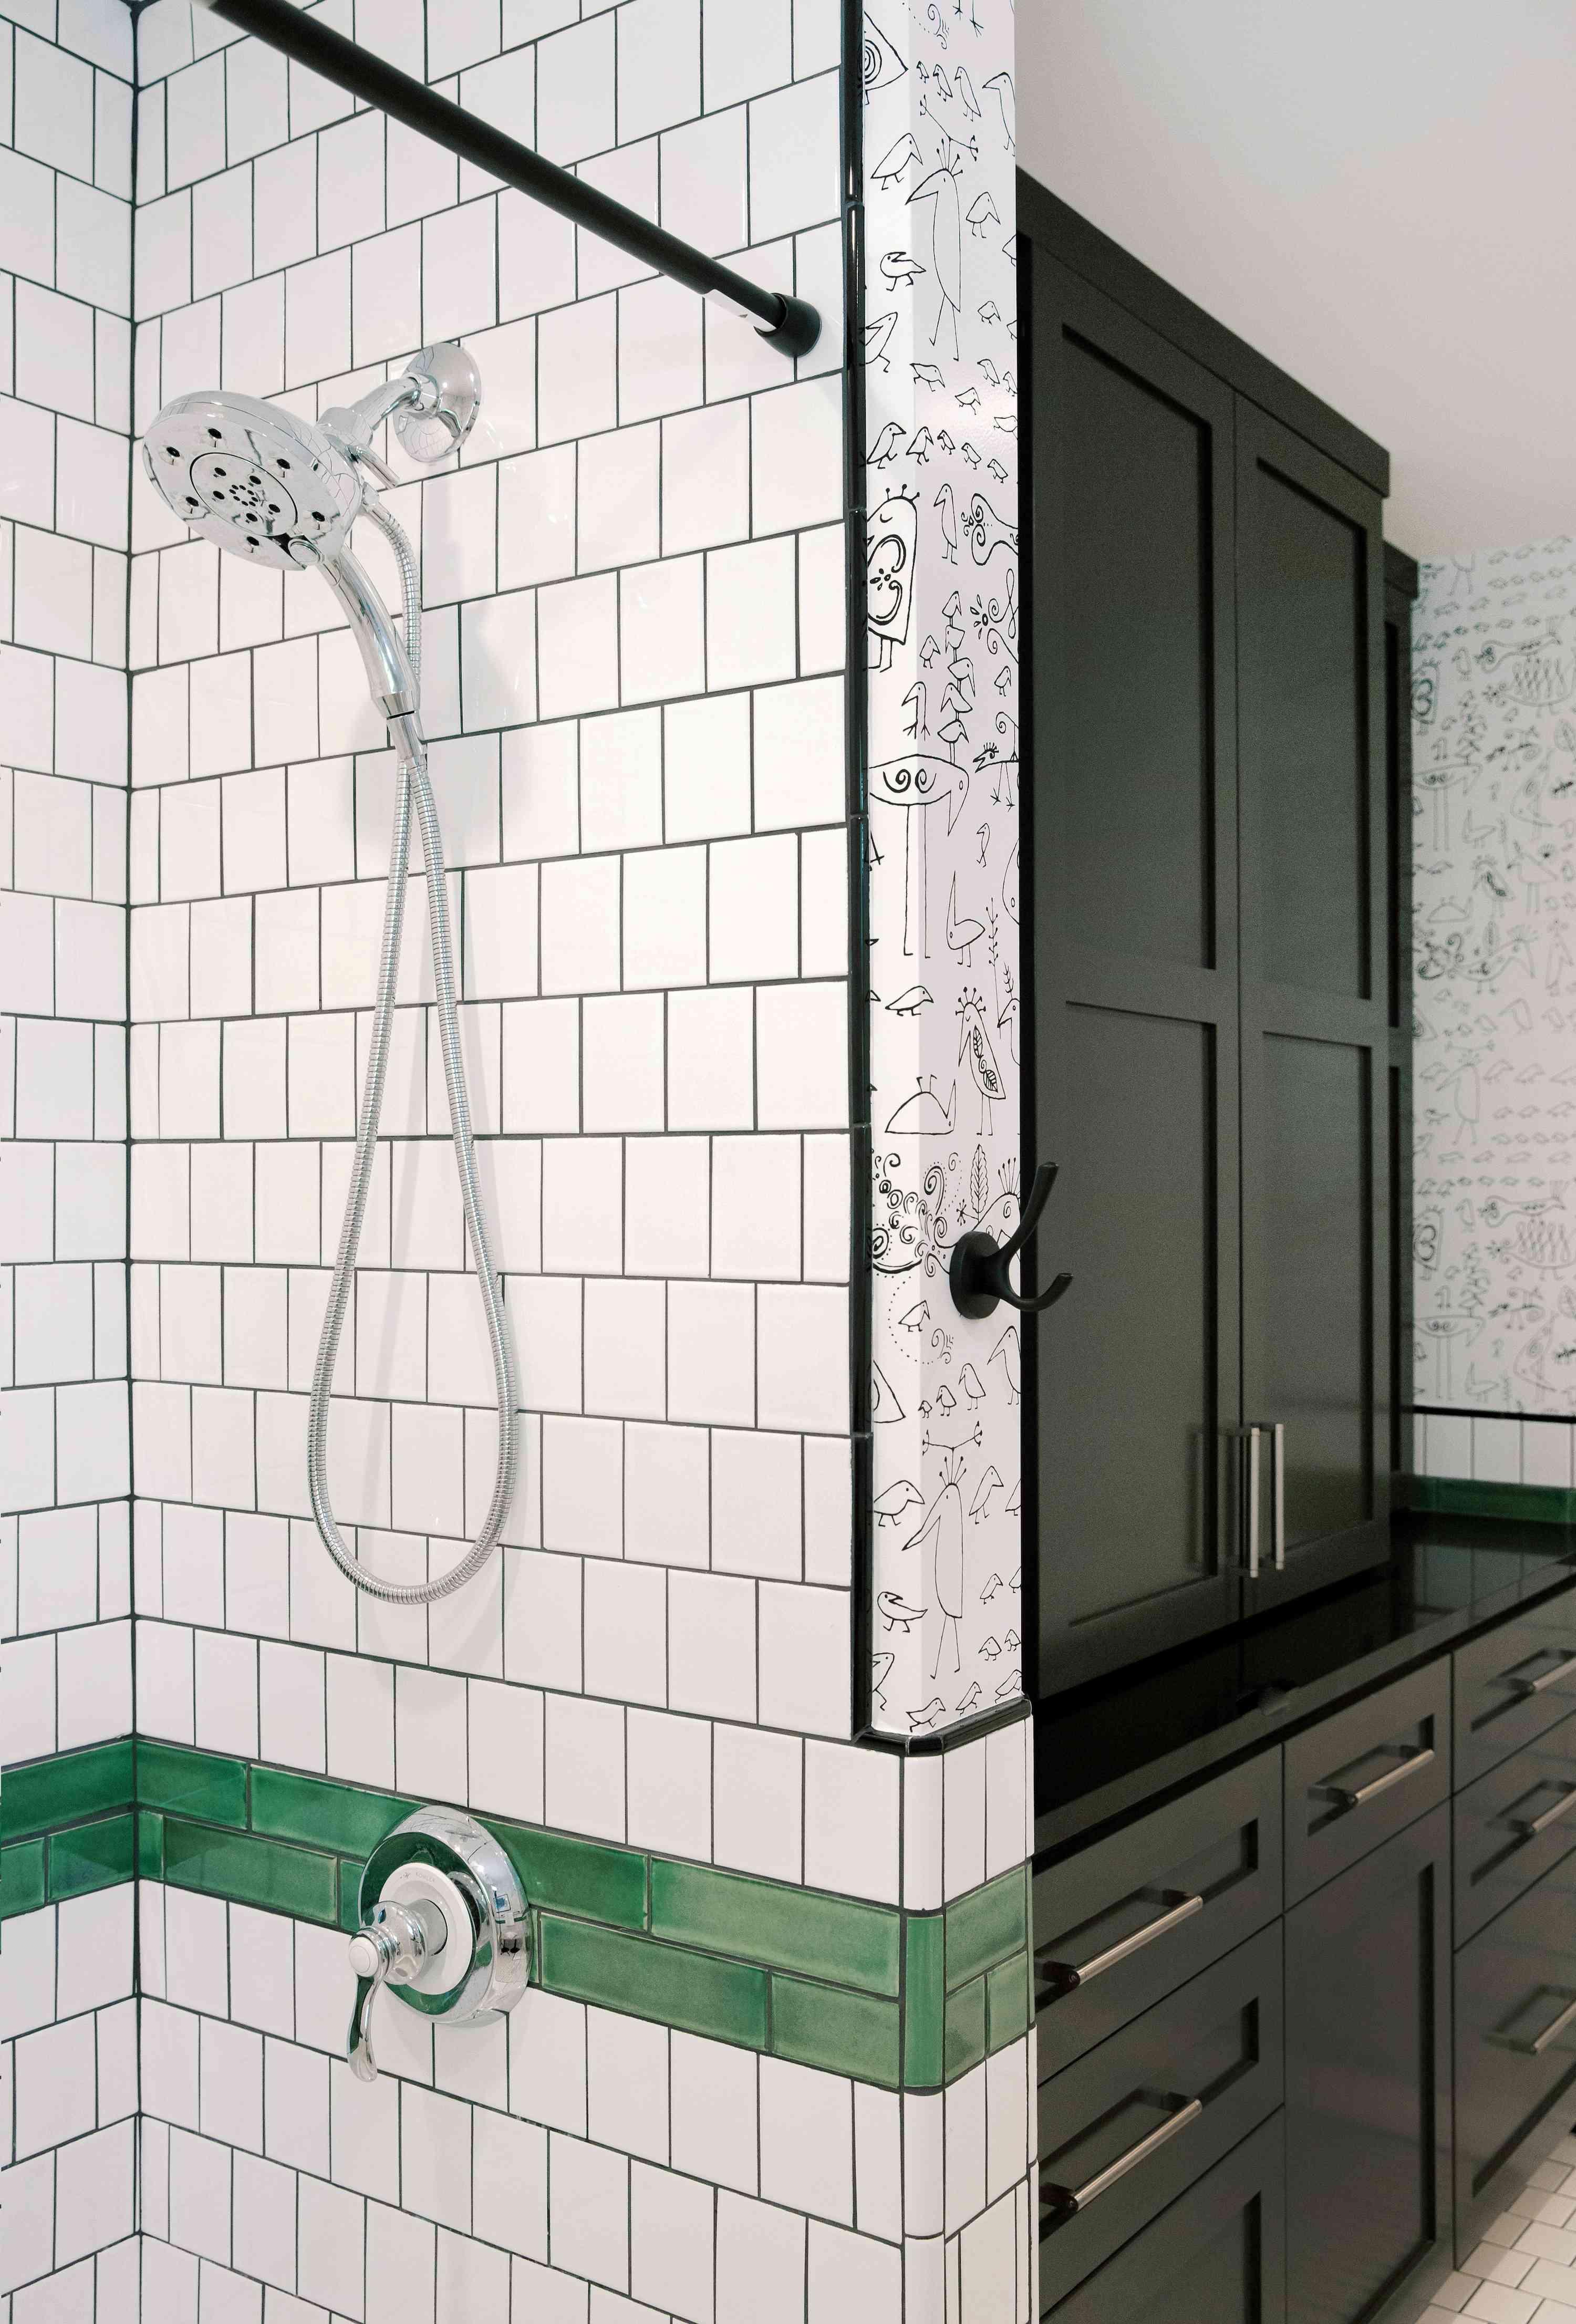 Black storage cabinet next to shower.